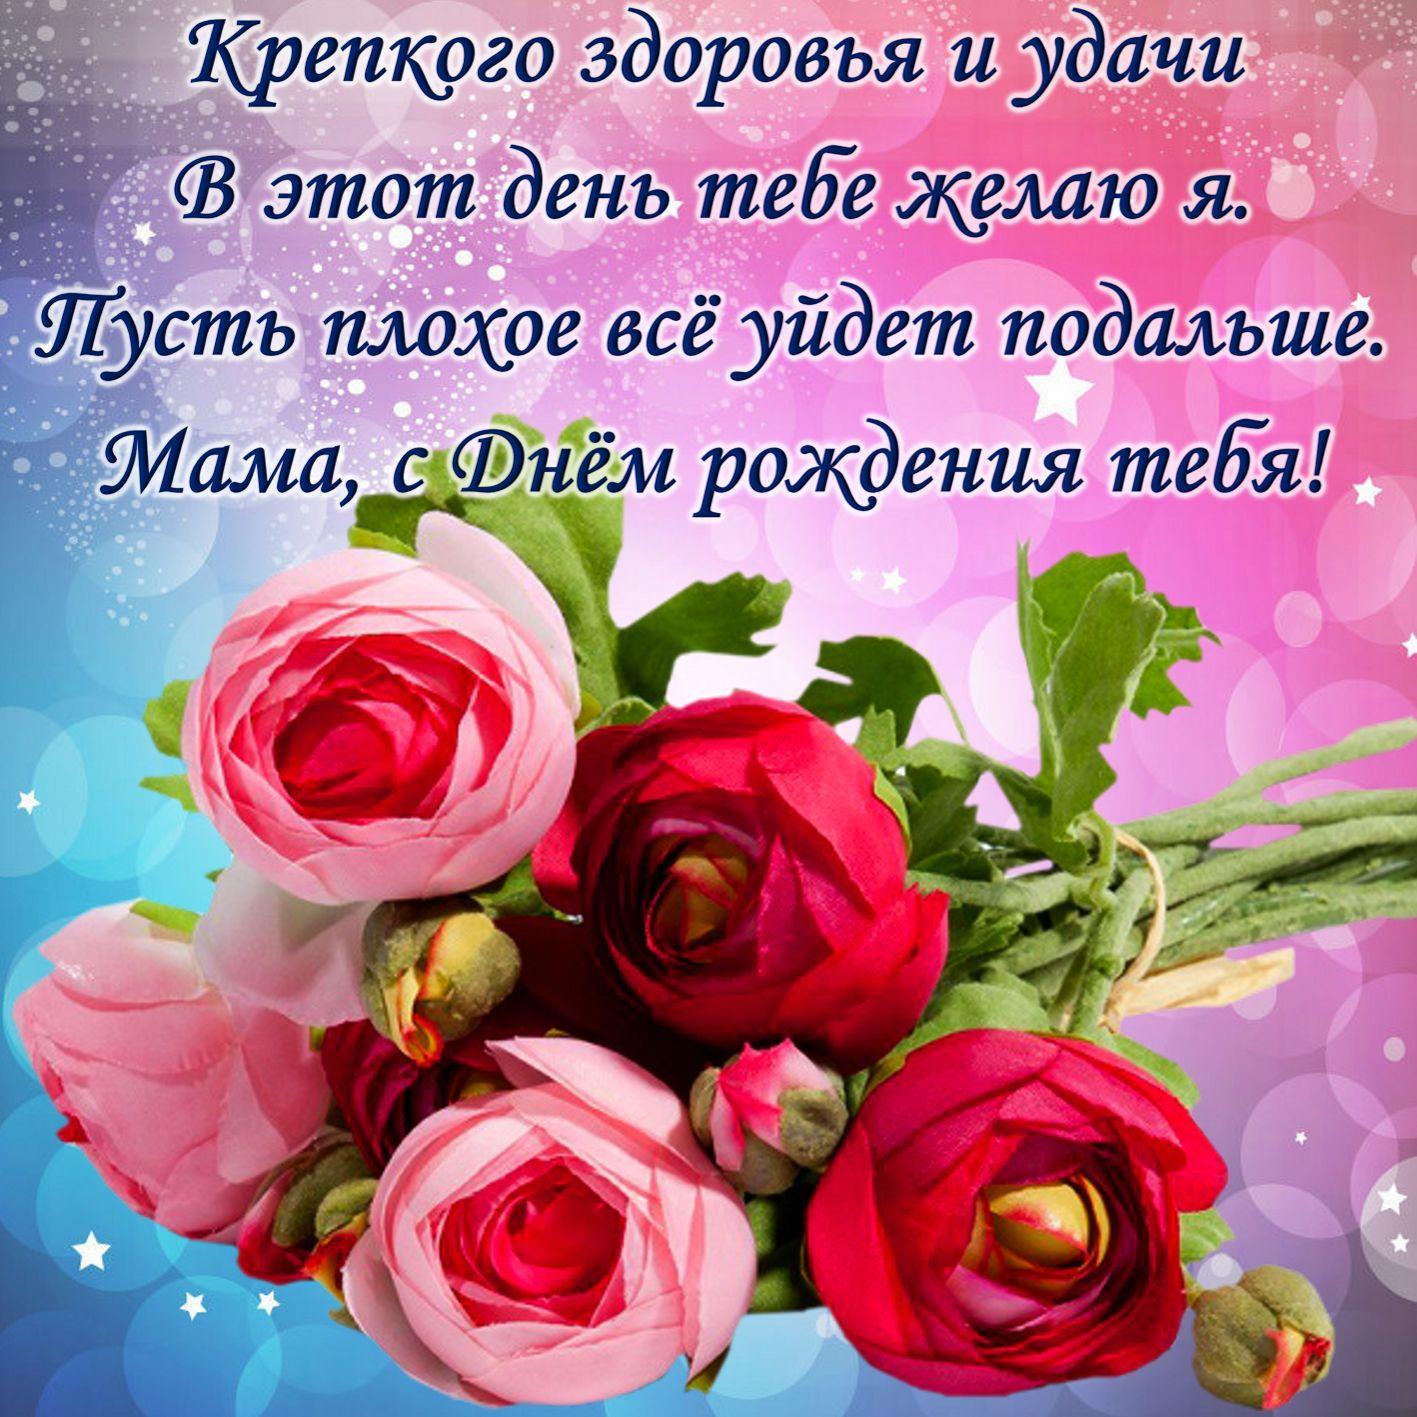 Поздравления с днем рождения женщине которая стала мамой фото 988